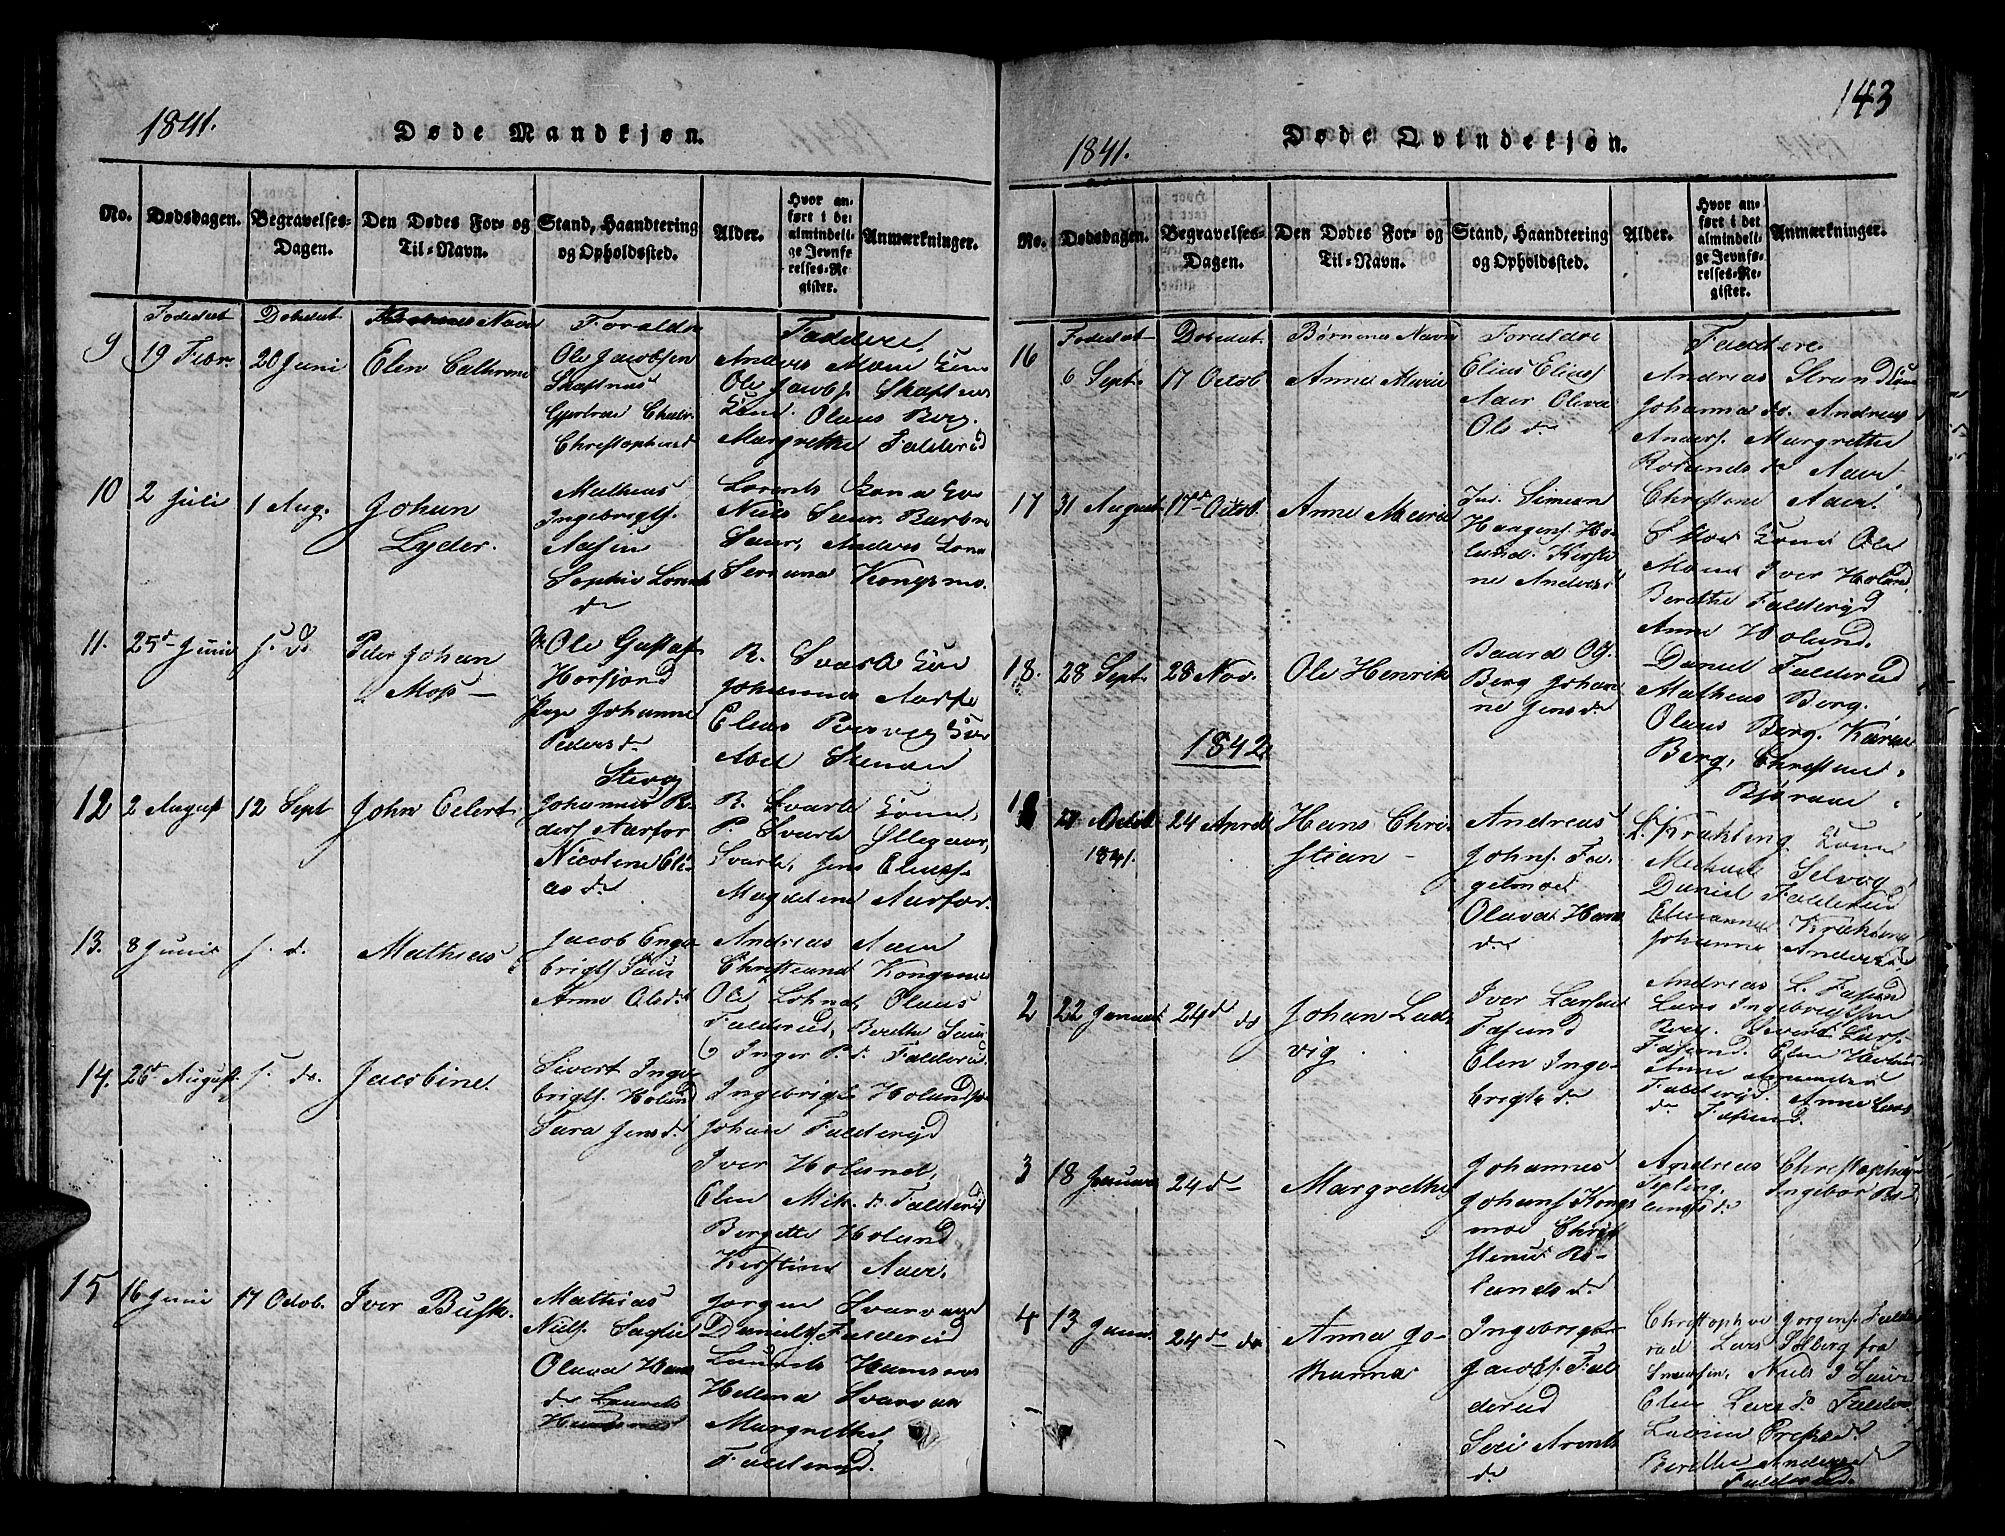 SAT, Ministerialprotokoller, klokkerbøker og fødselsregistre - Nord-Trøndelag, 780/L0648: Klokkerbok nr. 780C01 /3, 1815-1877, s. 143